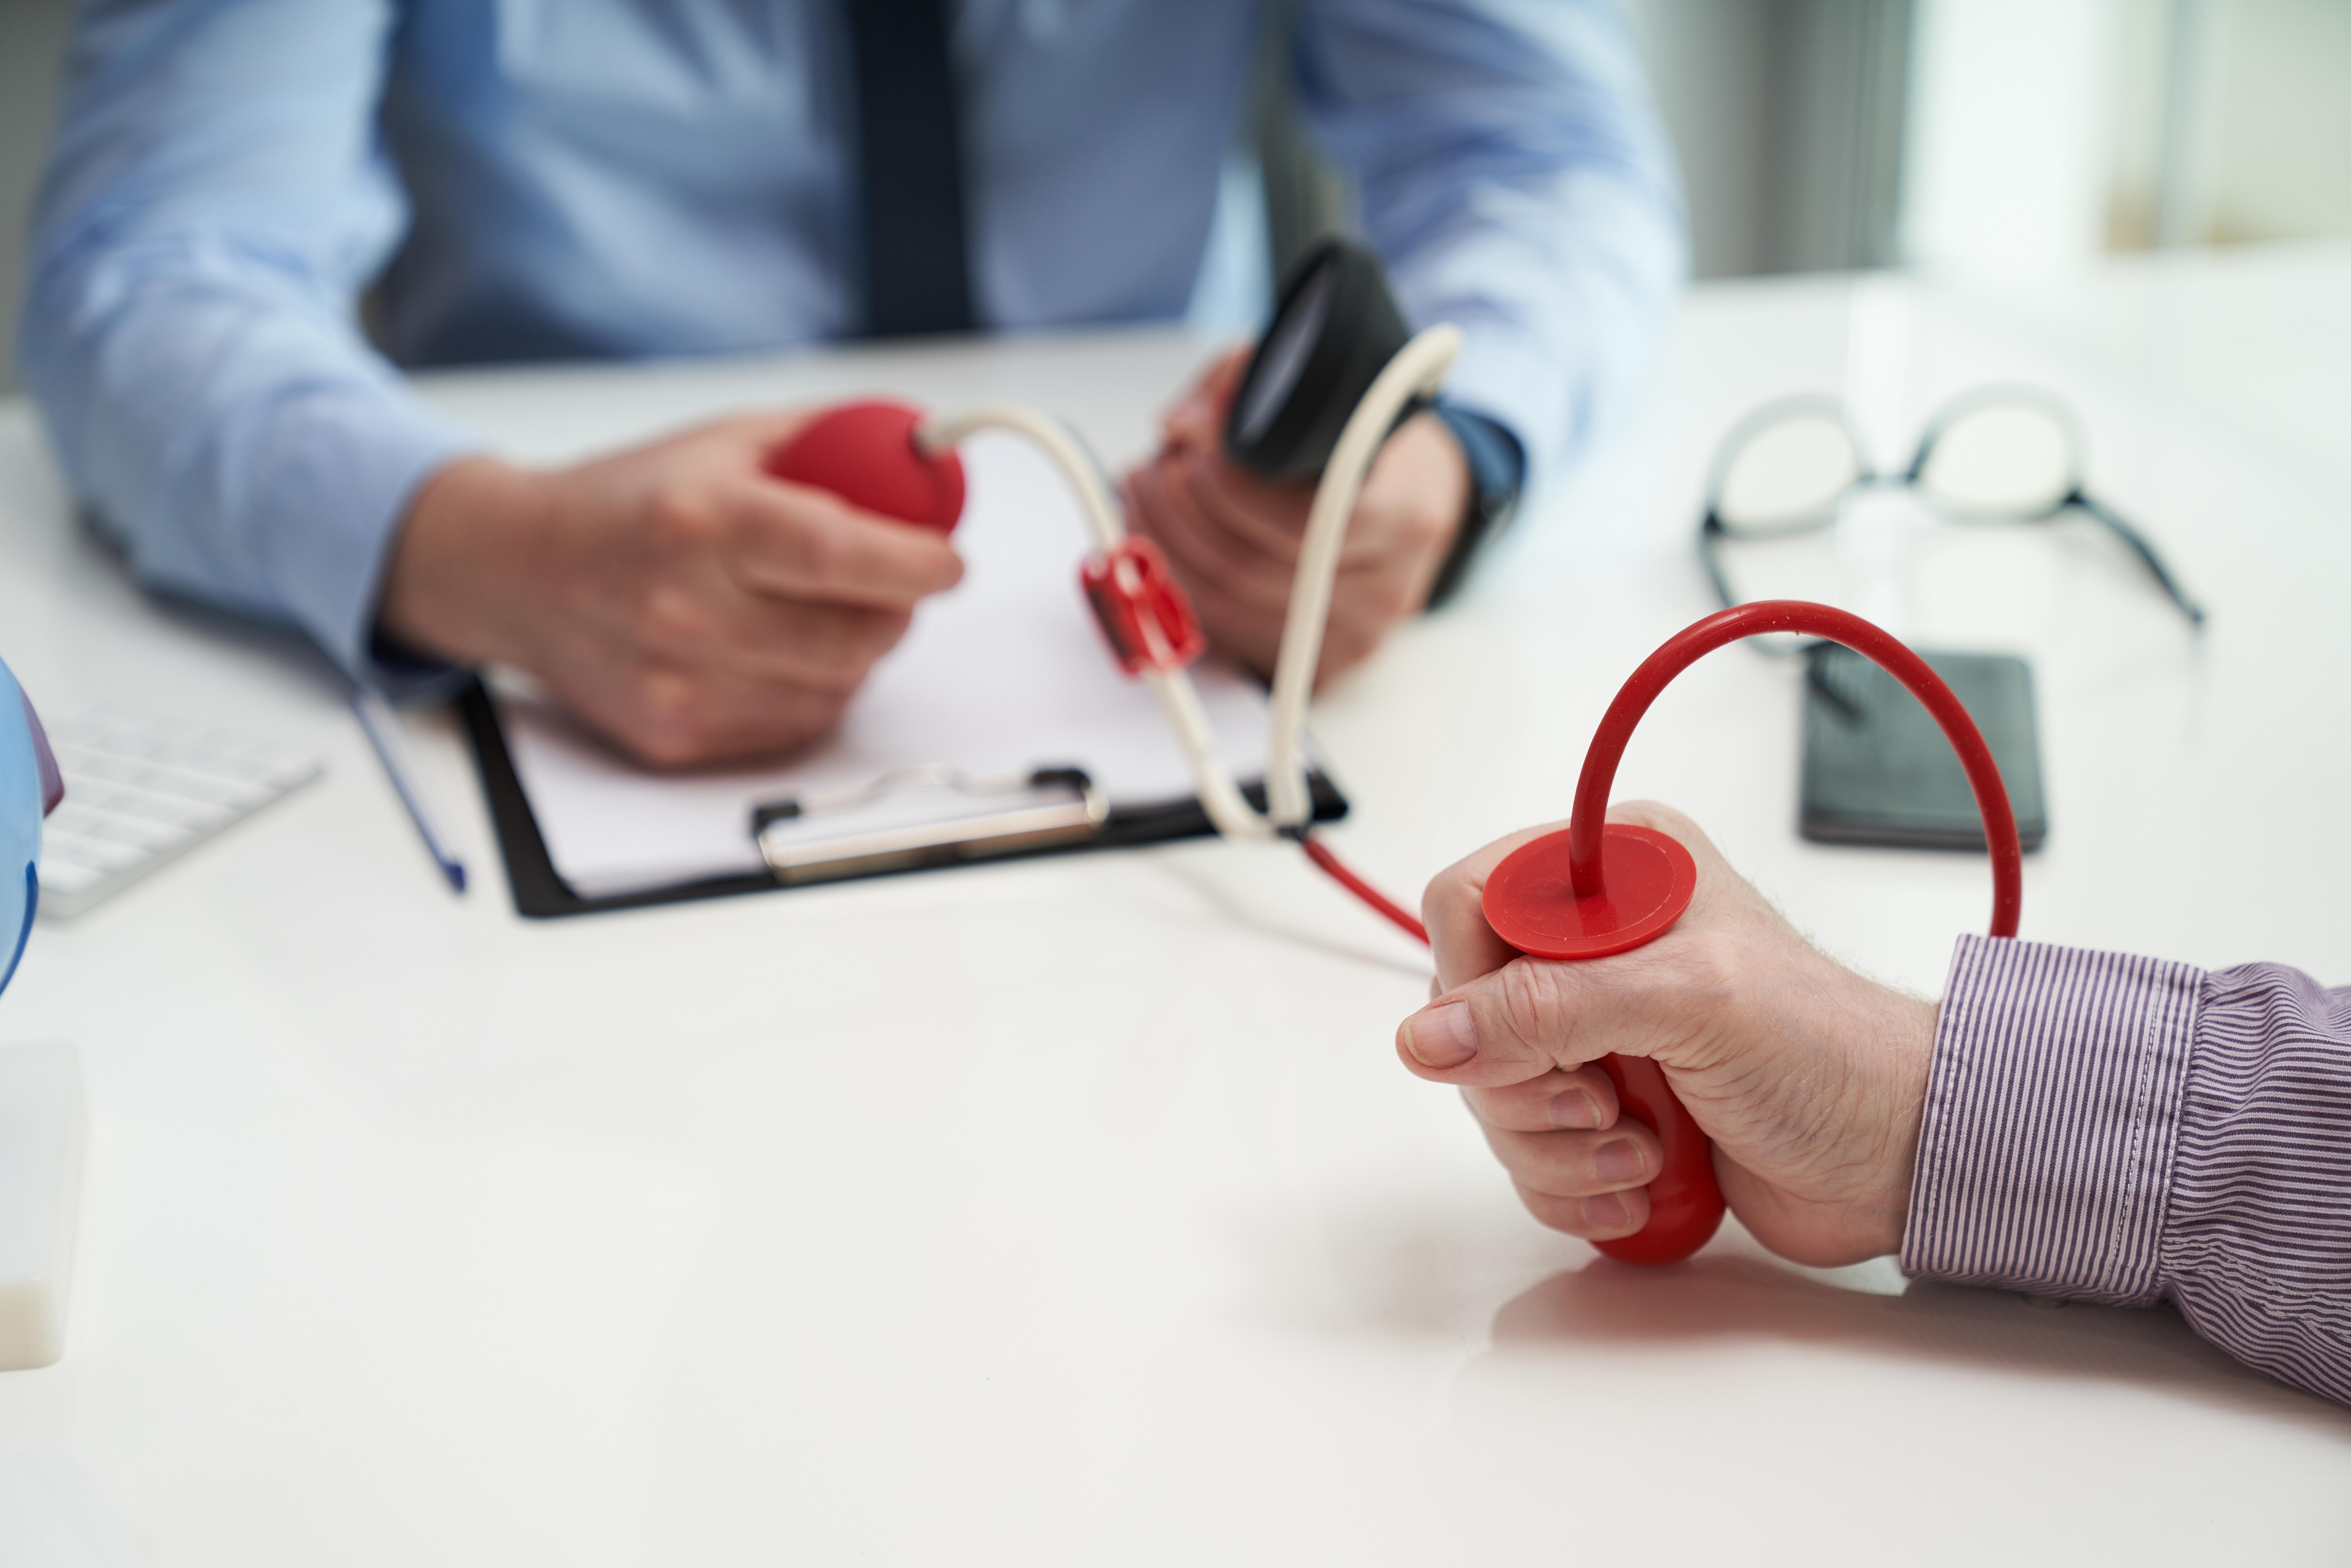 Le risque de diabète de type 2 est réduit d'environ 50% pour chaque unité d'augmentation de la force de préhension (Visuel Adobe Stock 370346417)